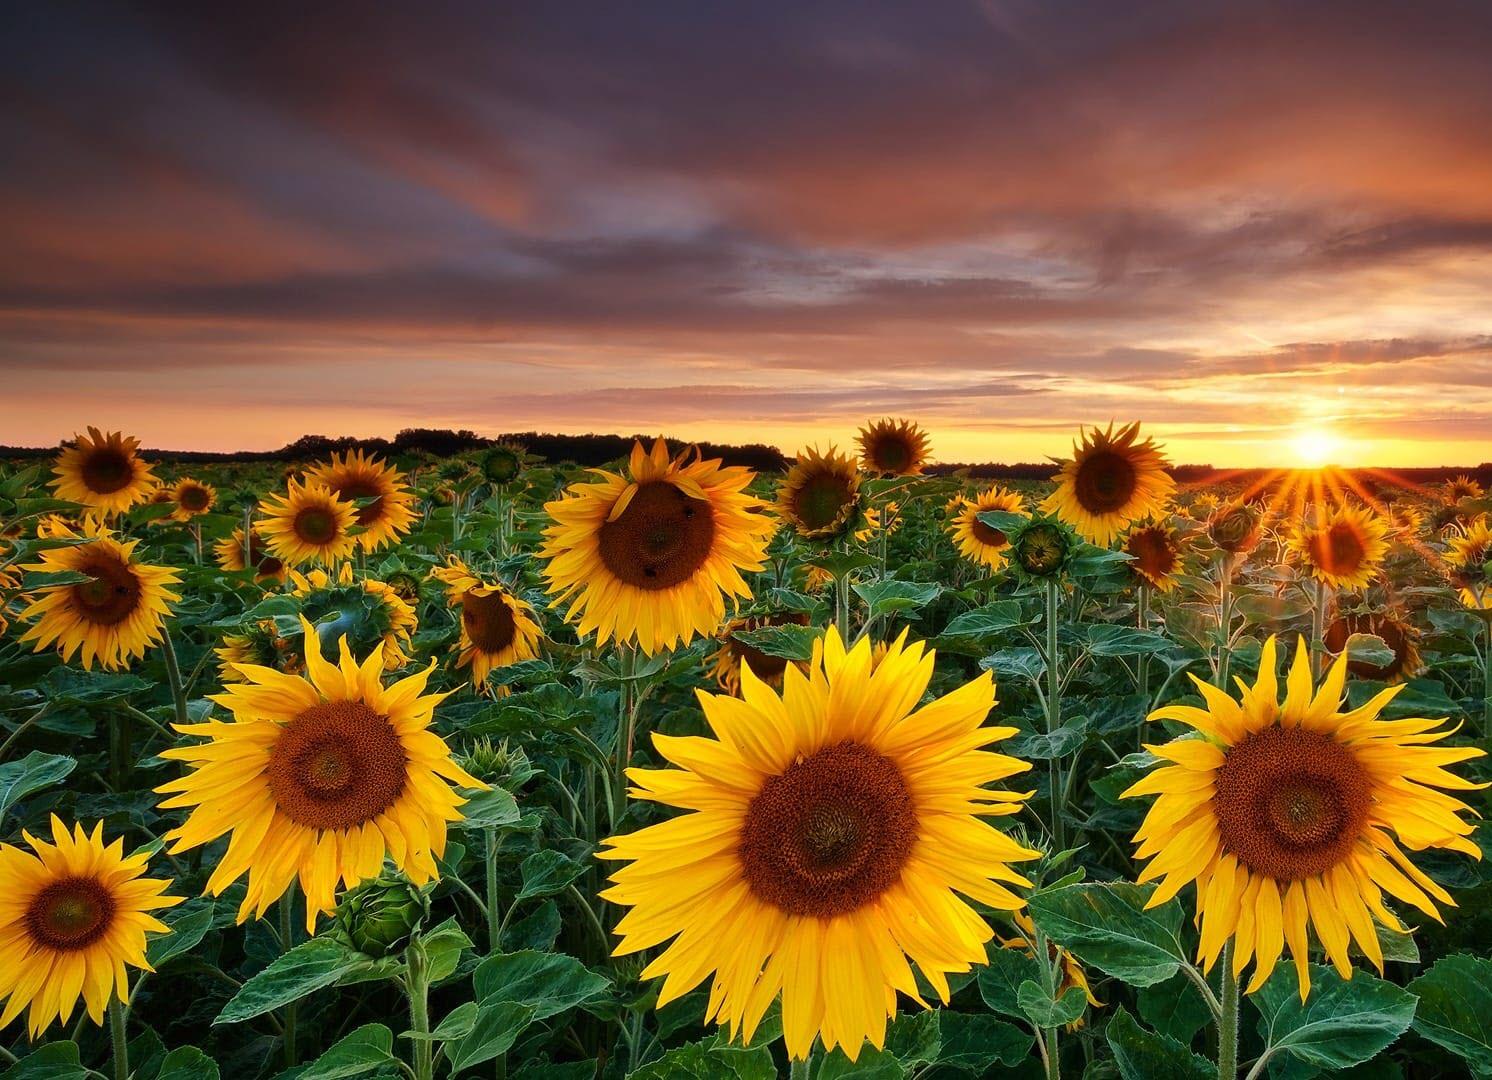 Hình ảnh hoa hướng dương đẹp nhất (4K) 16